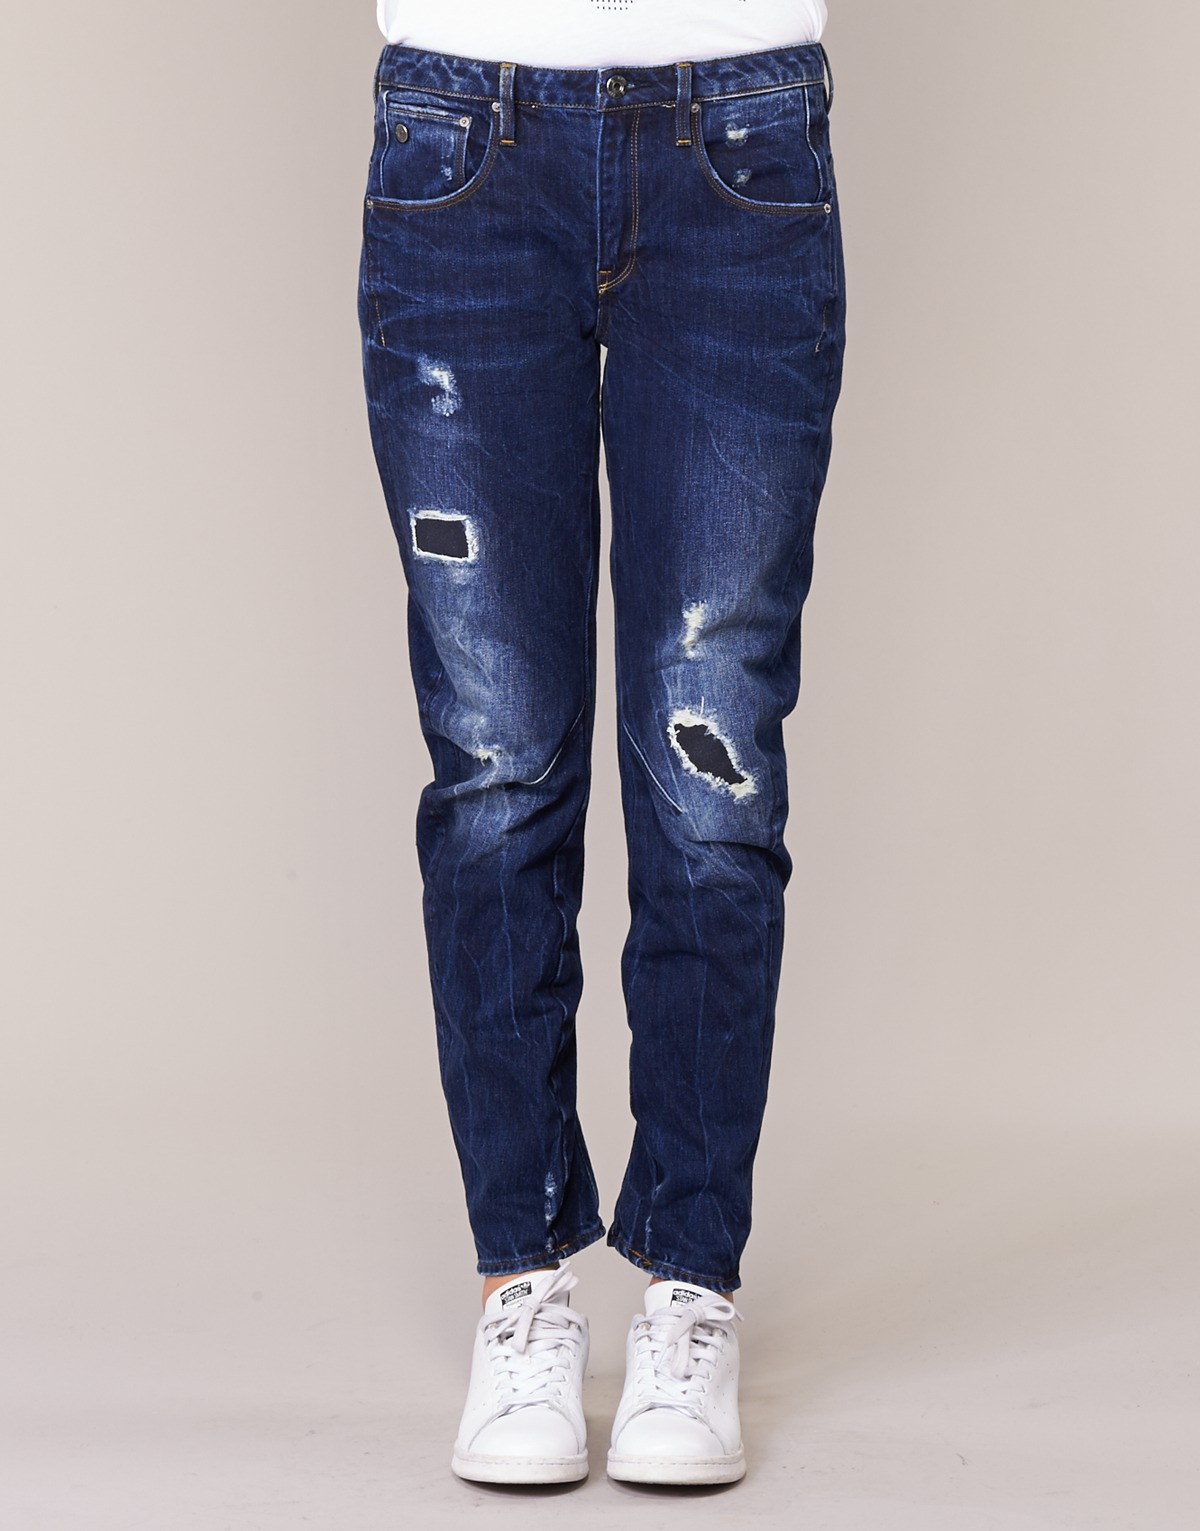 G-star Raw Arc 3d Low Boyfriend Bleu Brut - Livraison Gratuite Vêtements Jeans Femme 112,50 €